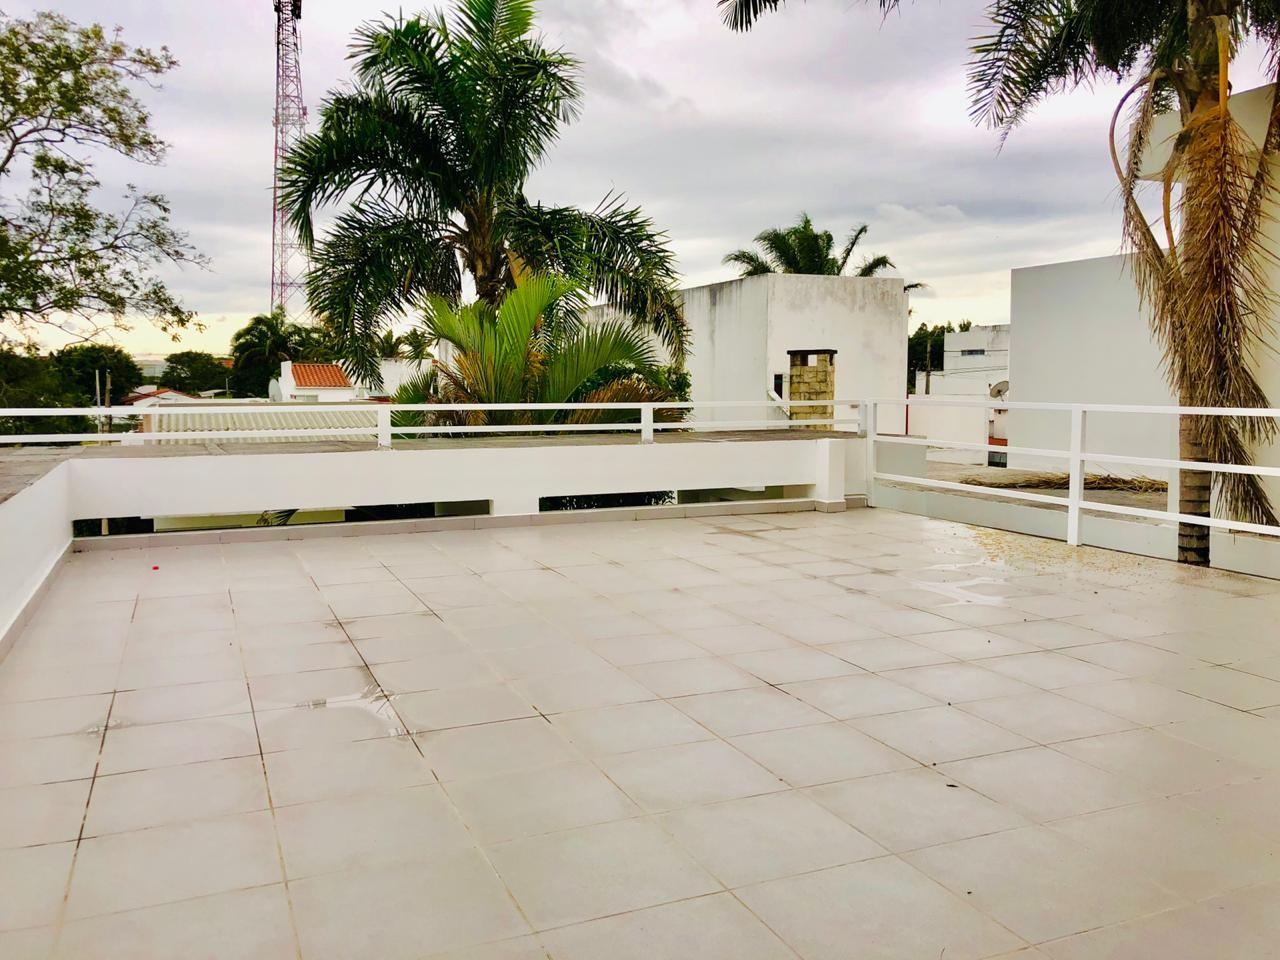 Casa en Alquiler Zona Urubo - Condominio Jardines del Urubo - lado de Restaurante Casa del Camba - a 1 minuto del Puente principal. Foto 24